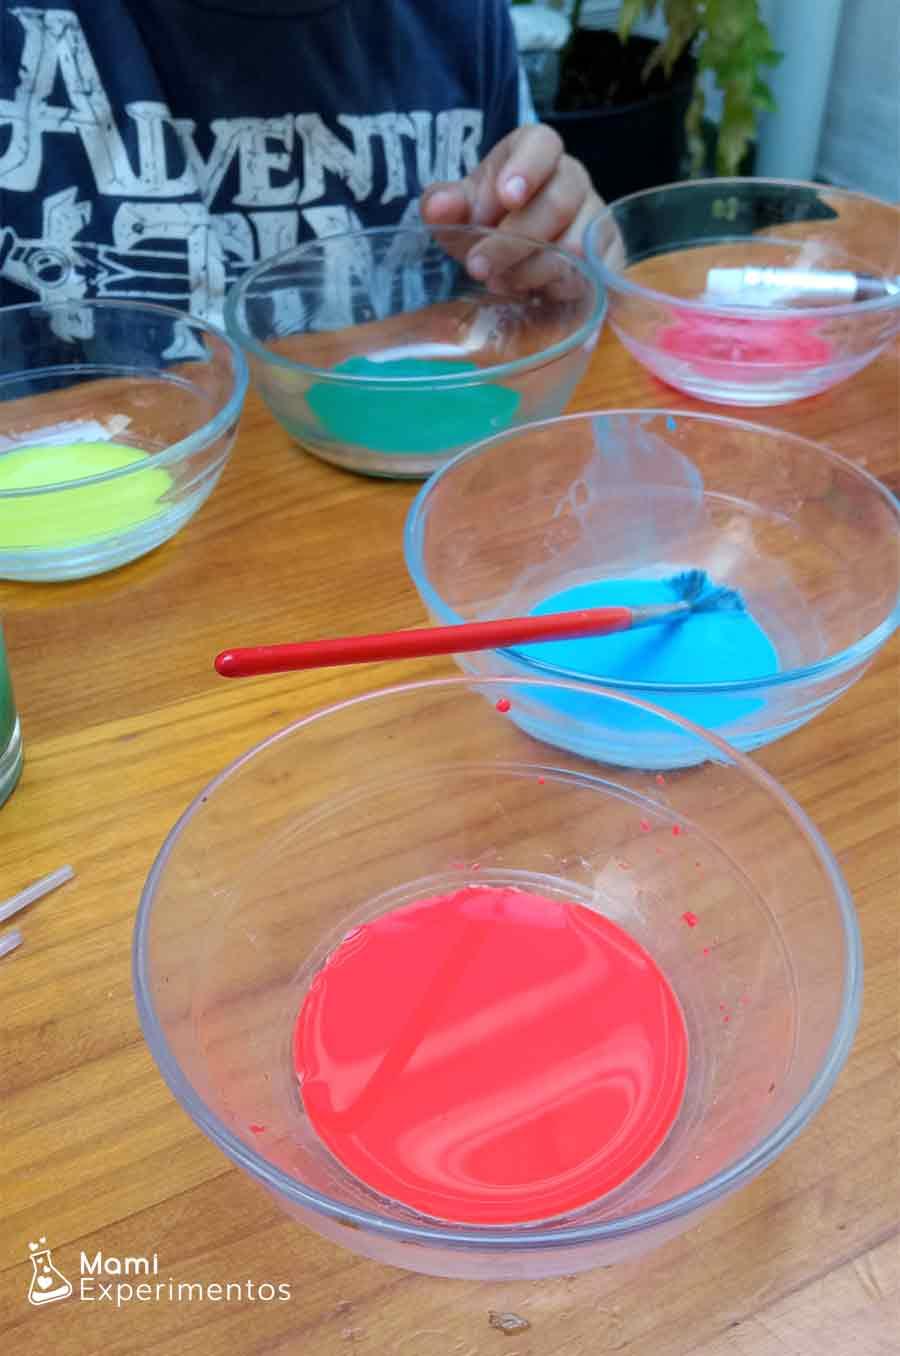 Preparando las acuarelas con agua para pintar en papel de cocina